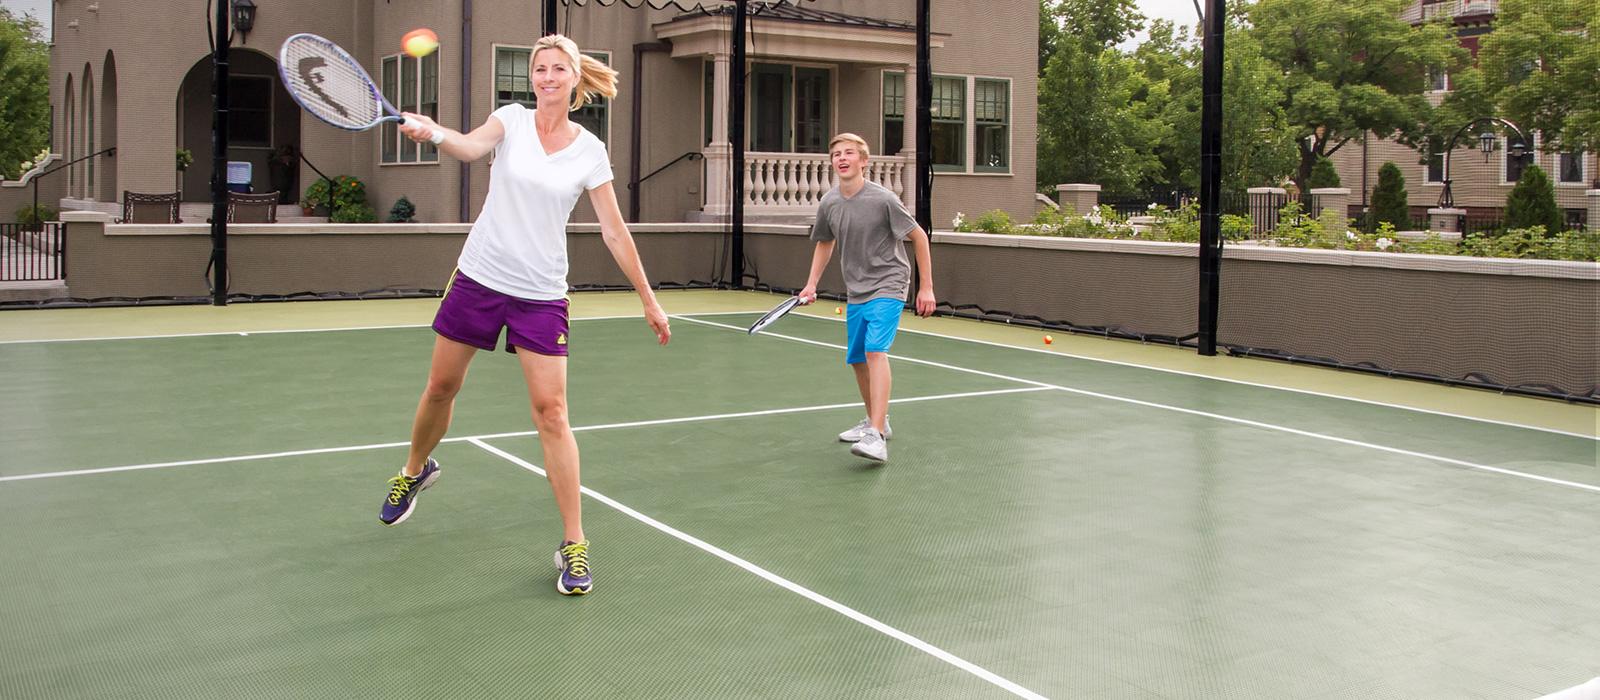 Una mujer y su hijo juegan tenis en una de las canchas de tenis de SnapSports.